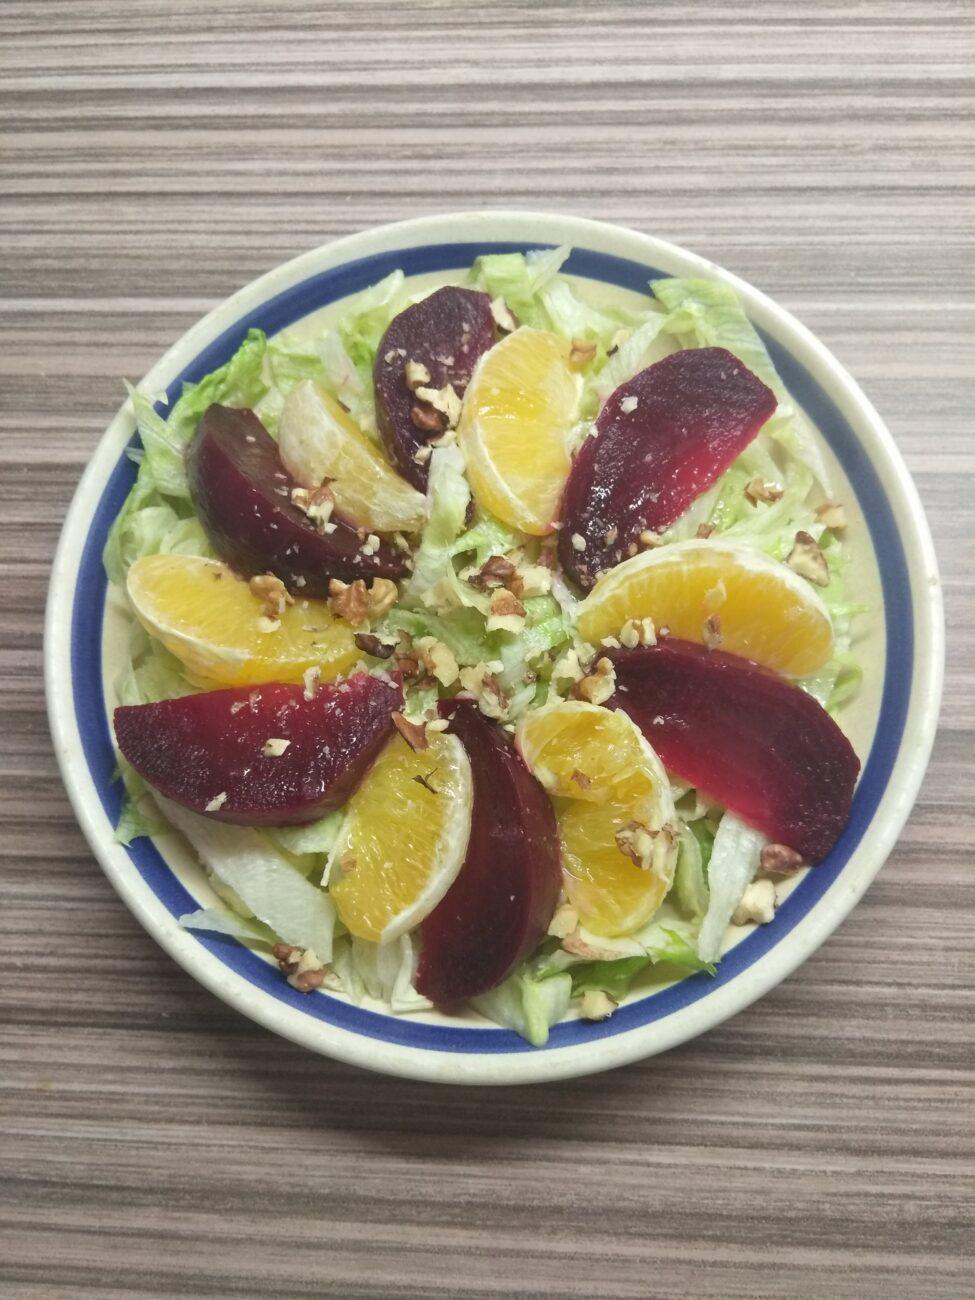 Салат с айсбергом, свеклой, апельсином и орехами